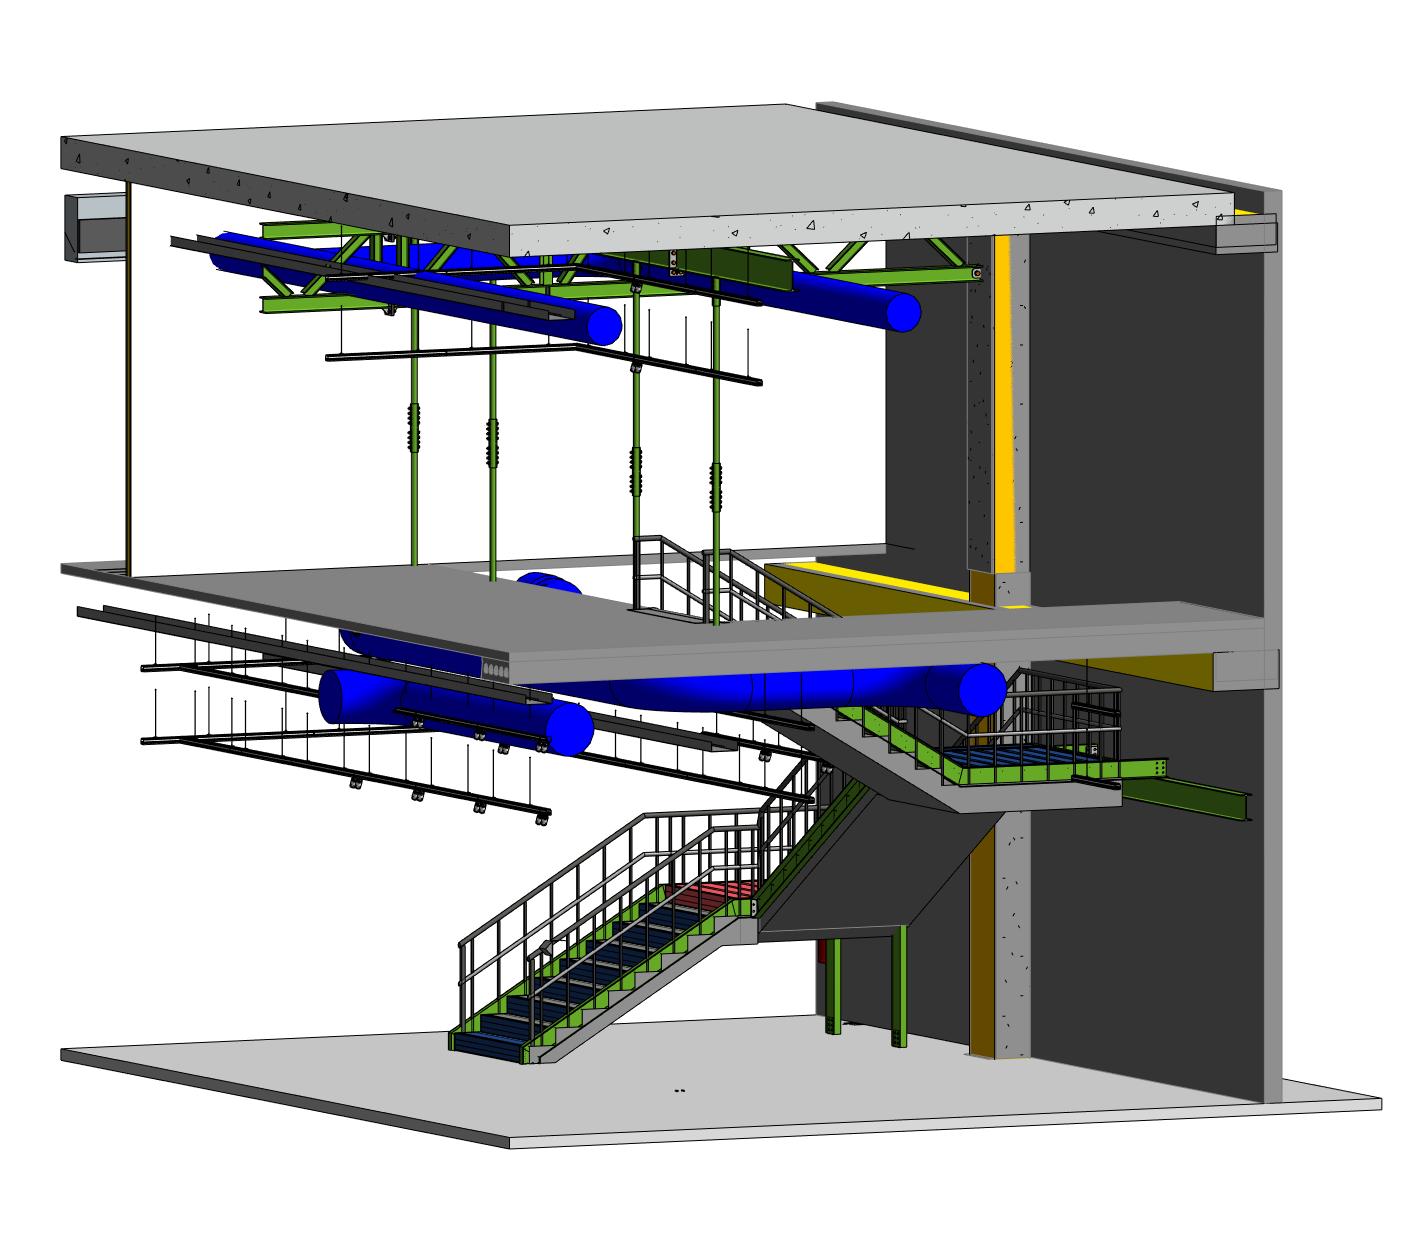 Escalera flotante Motocard CAD CAM 2